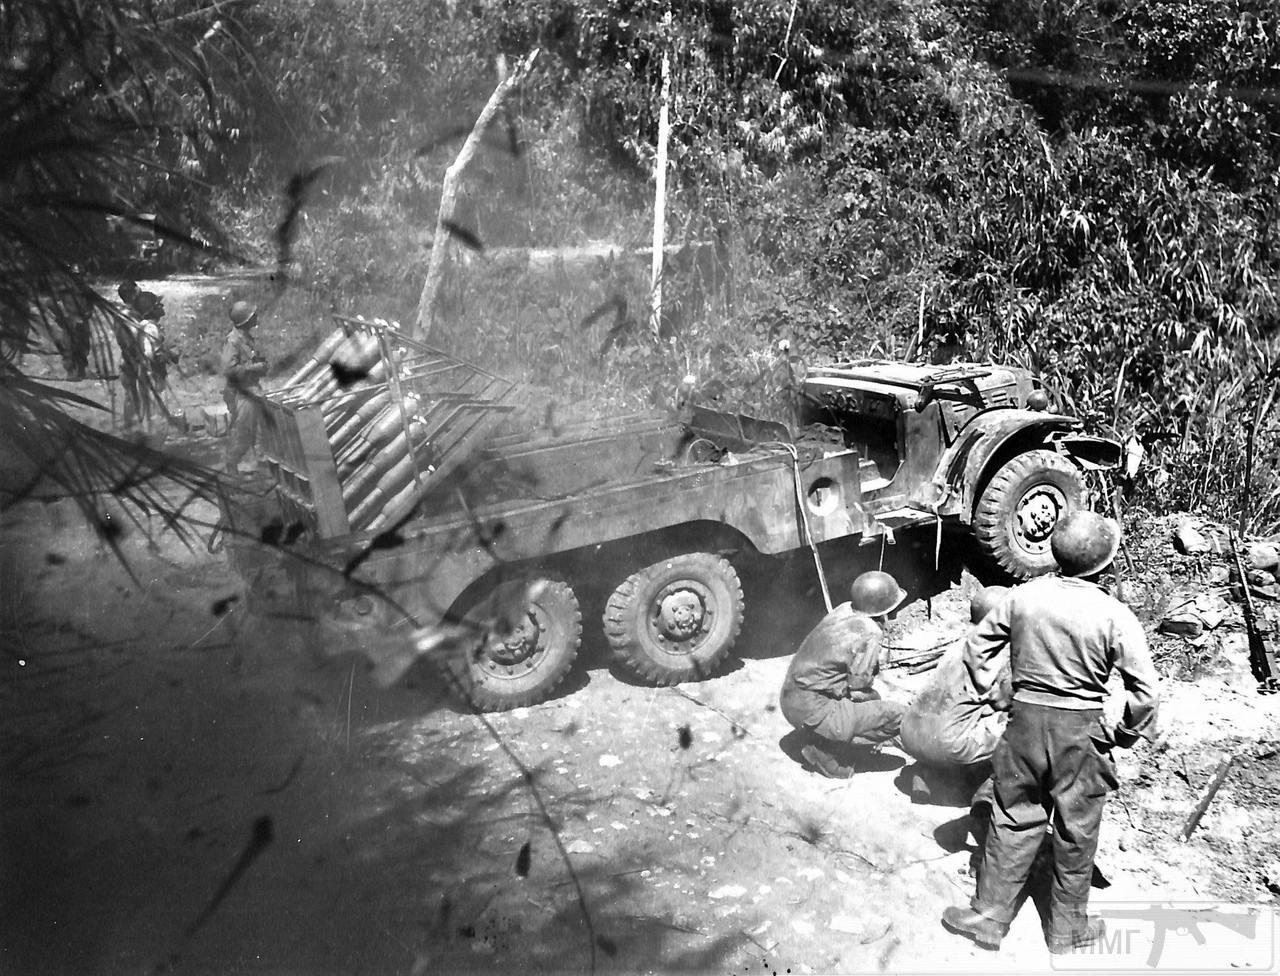 101852 - Военное фото 1941-1945 г.г. Тихий океан.